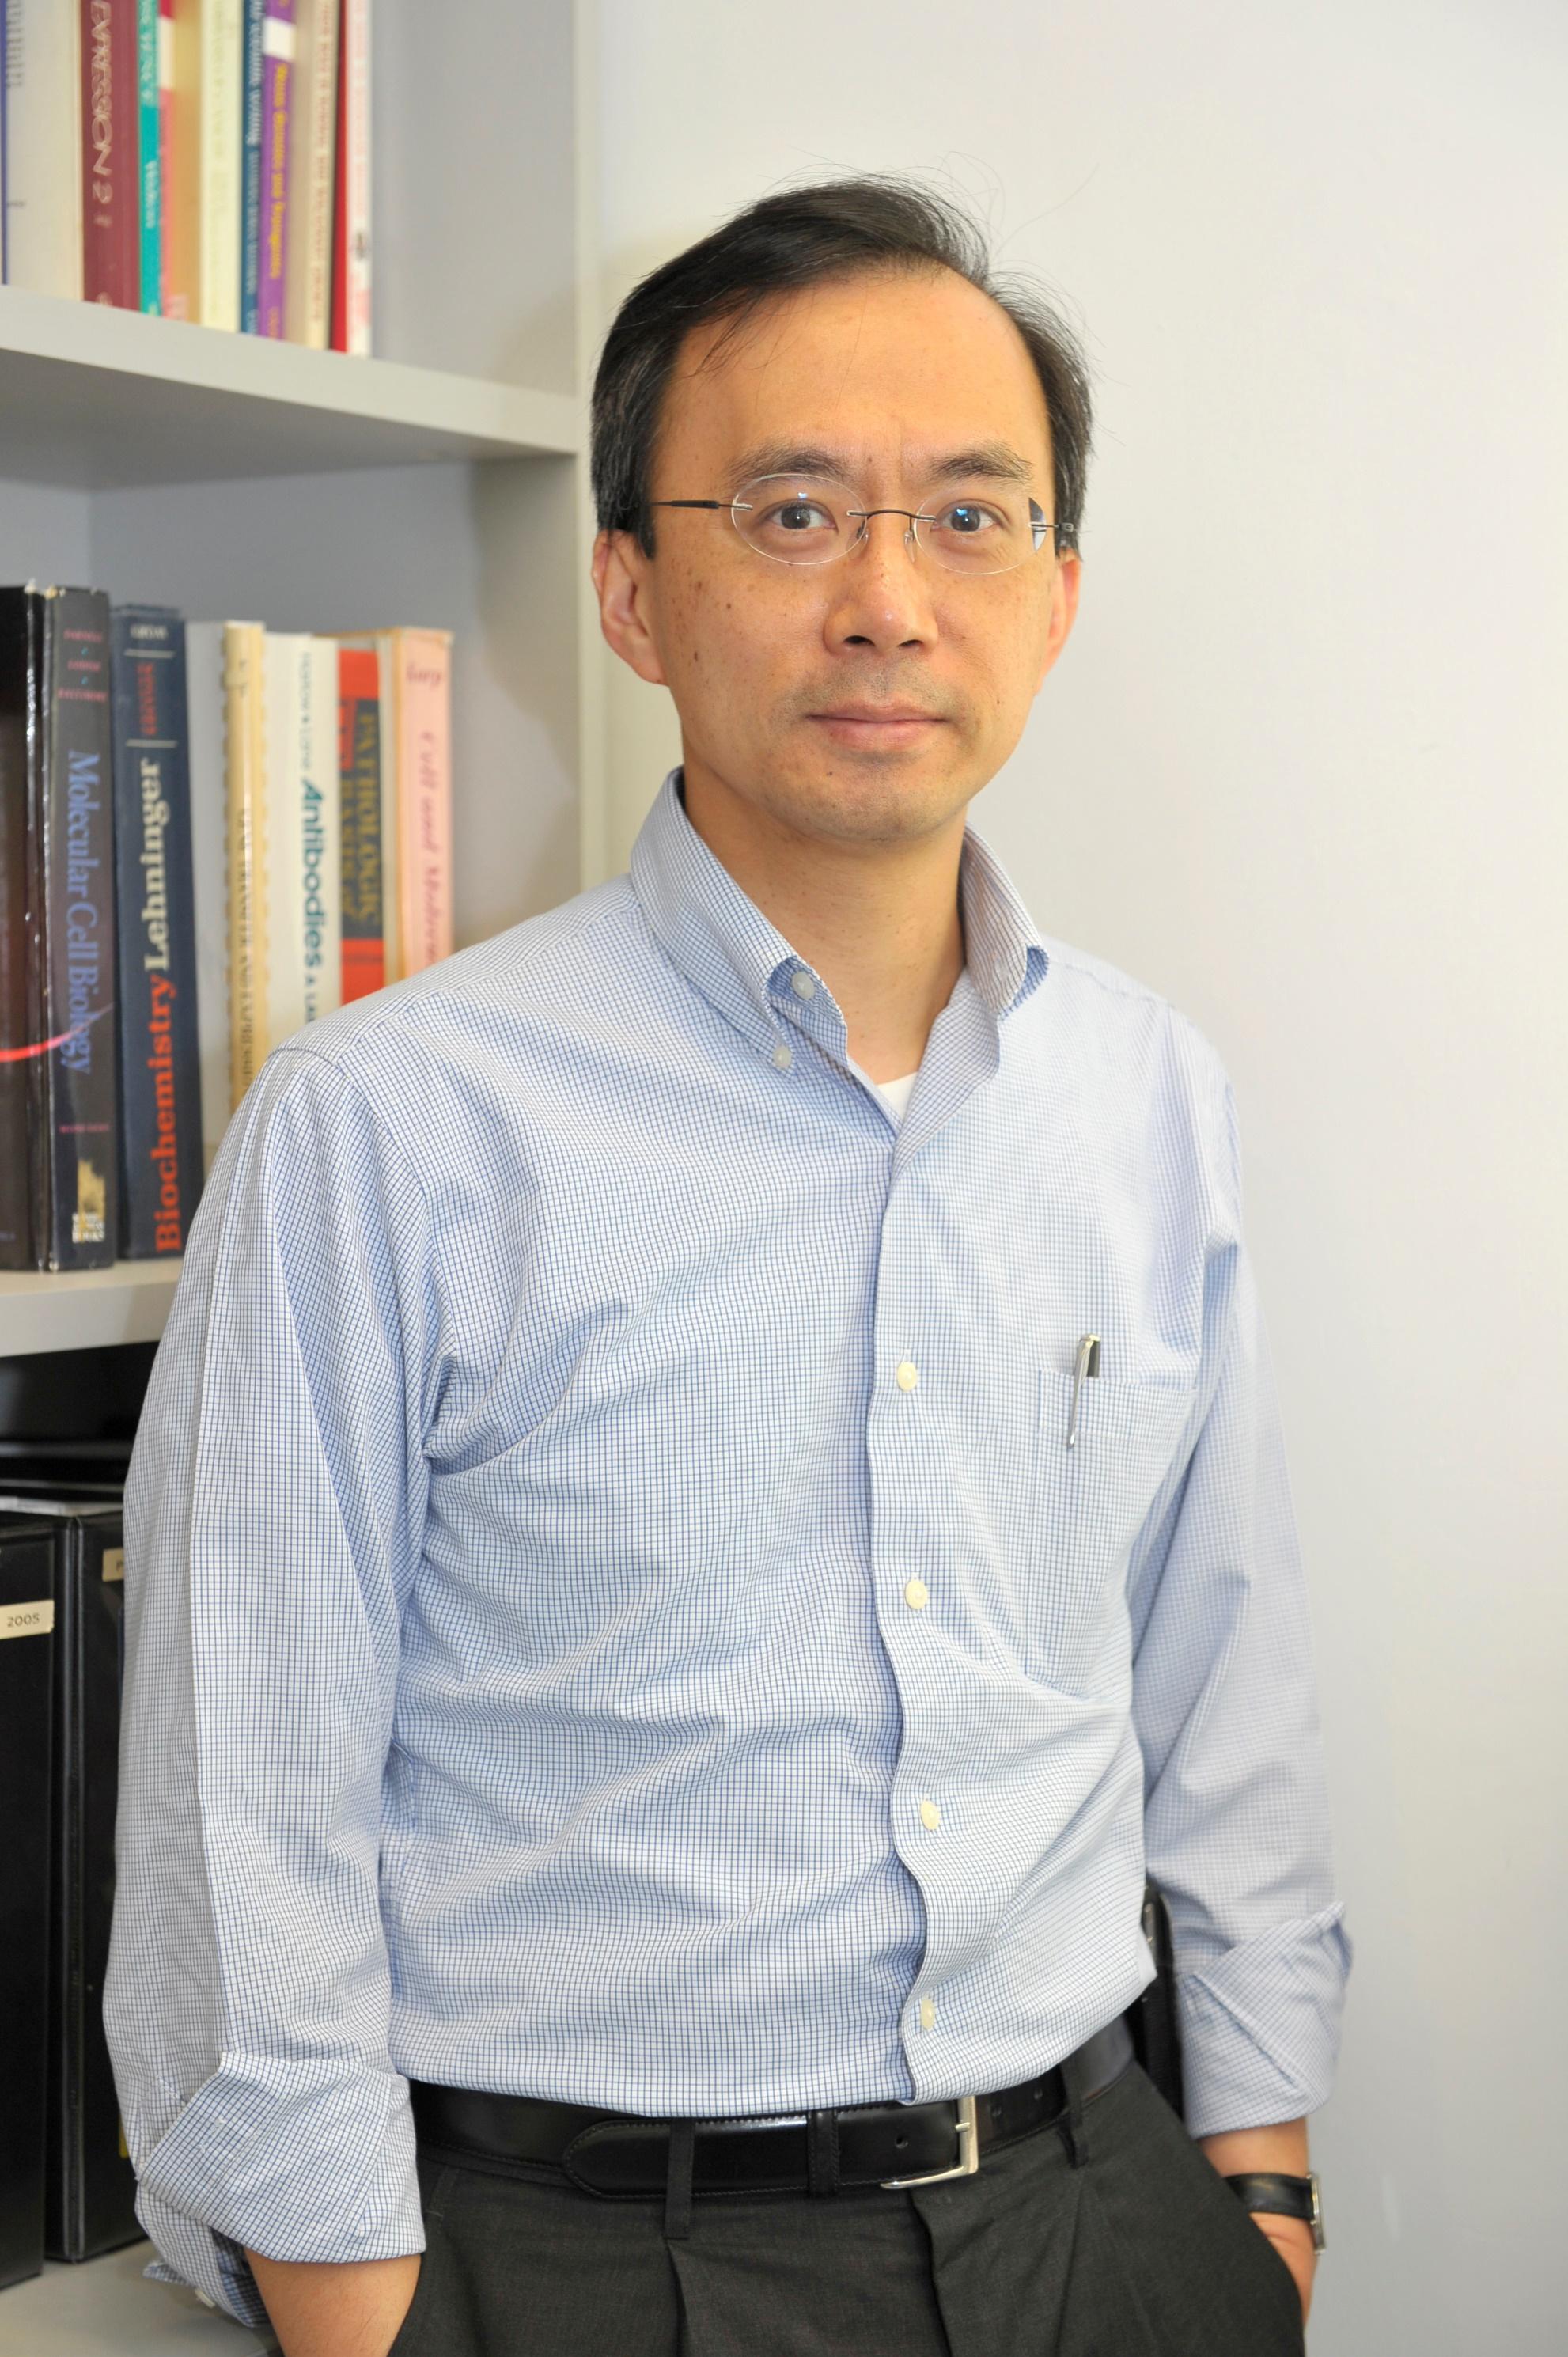 中大醫學院教授陳文樂教授與國際專家合作發現,阿茲海默氏症與可抑制癌腫瘤生長的基因「PTEN」息息相關。